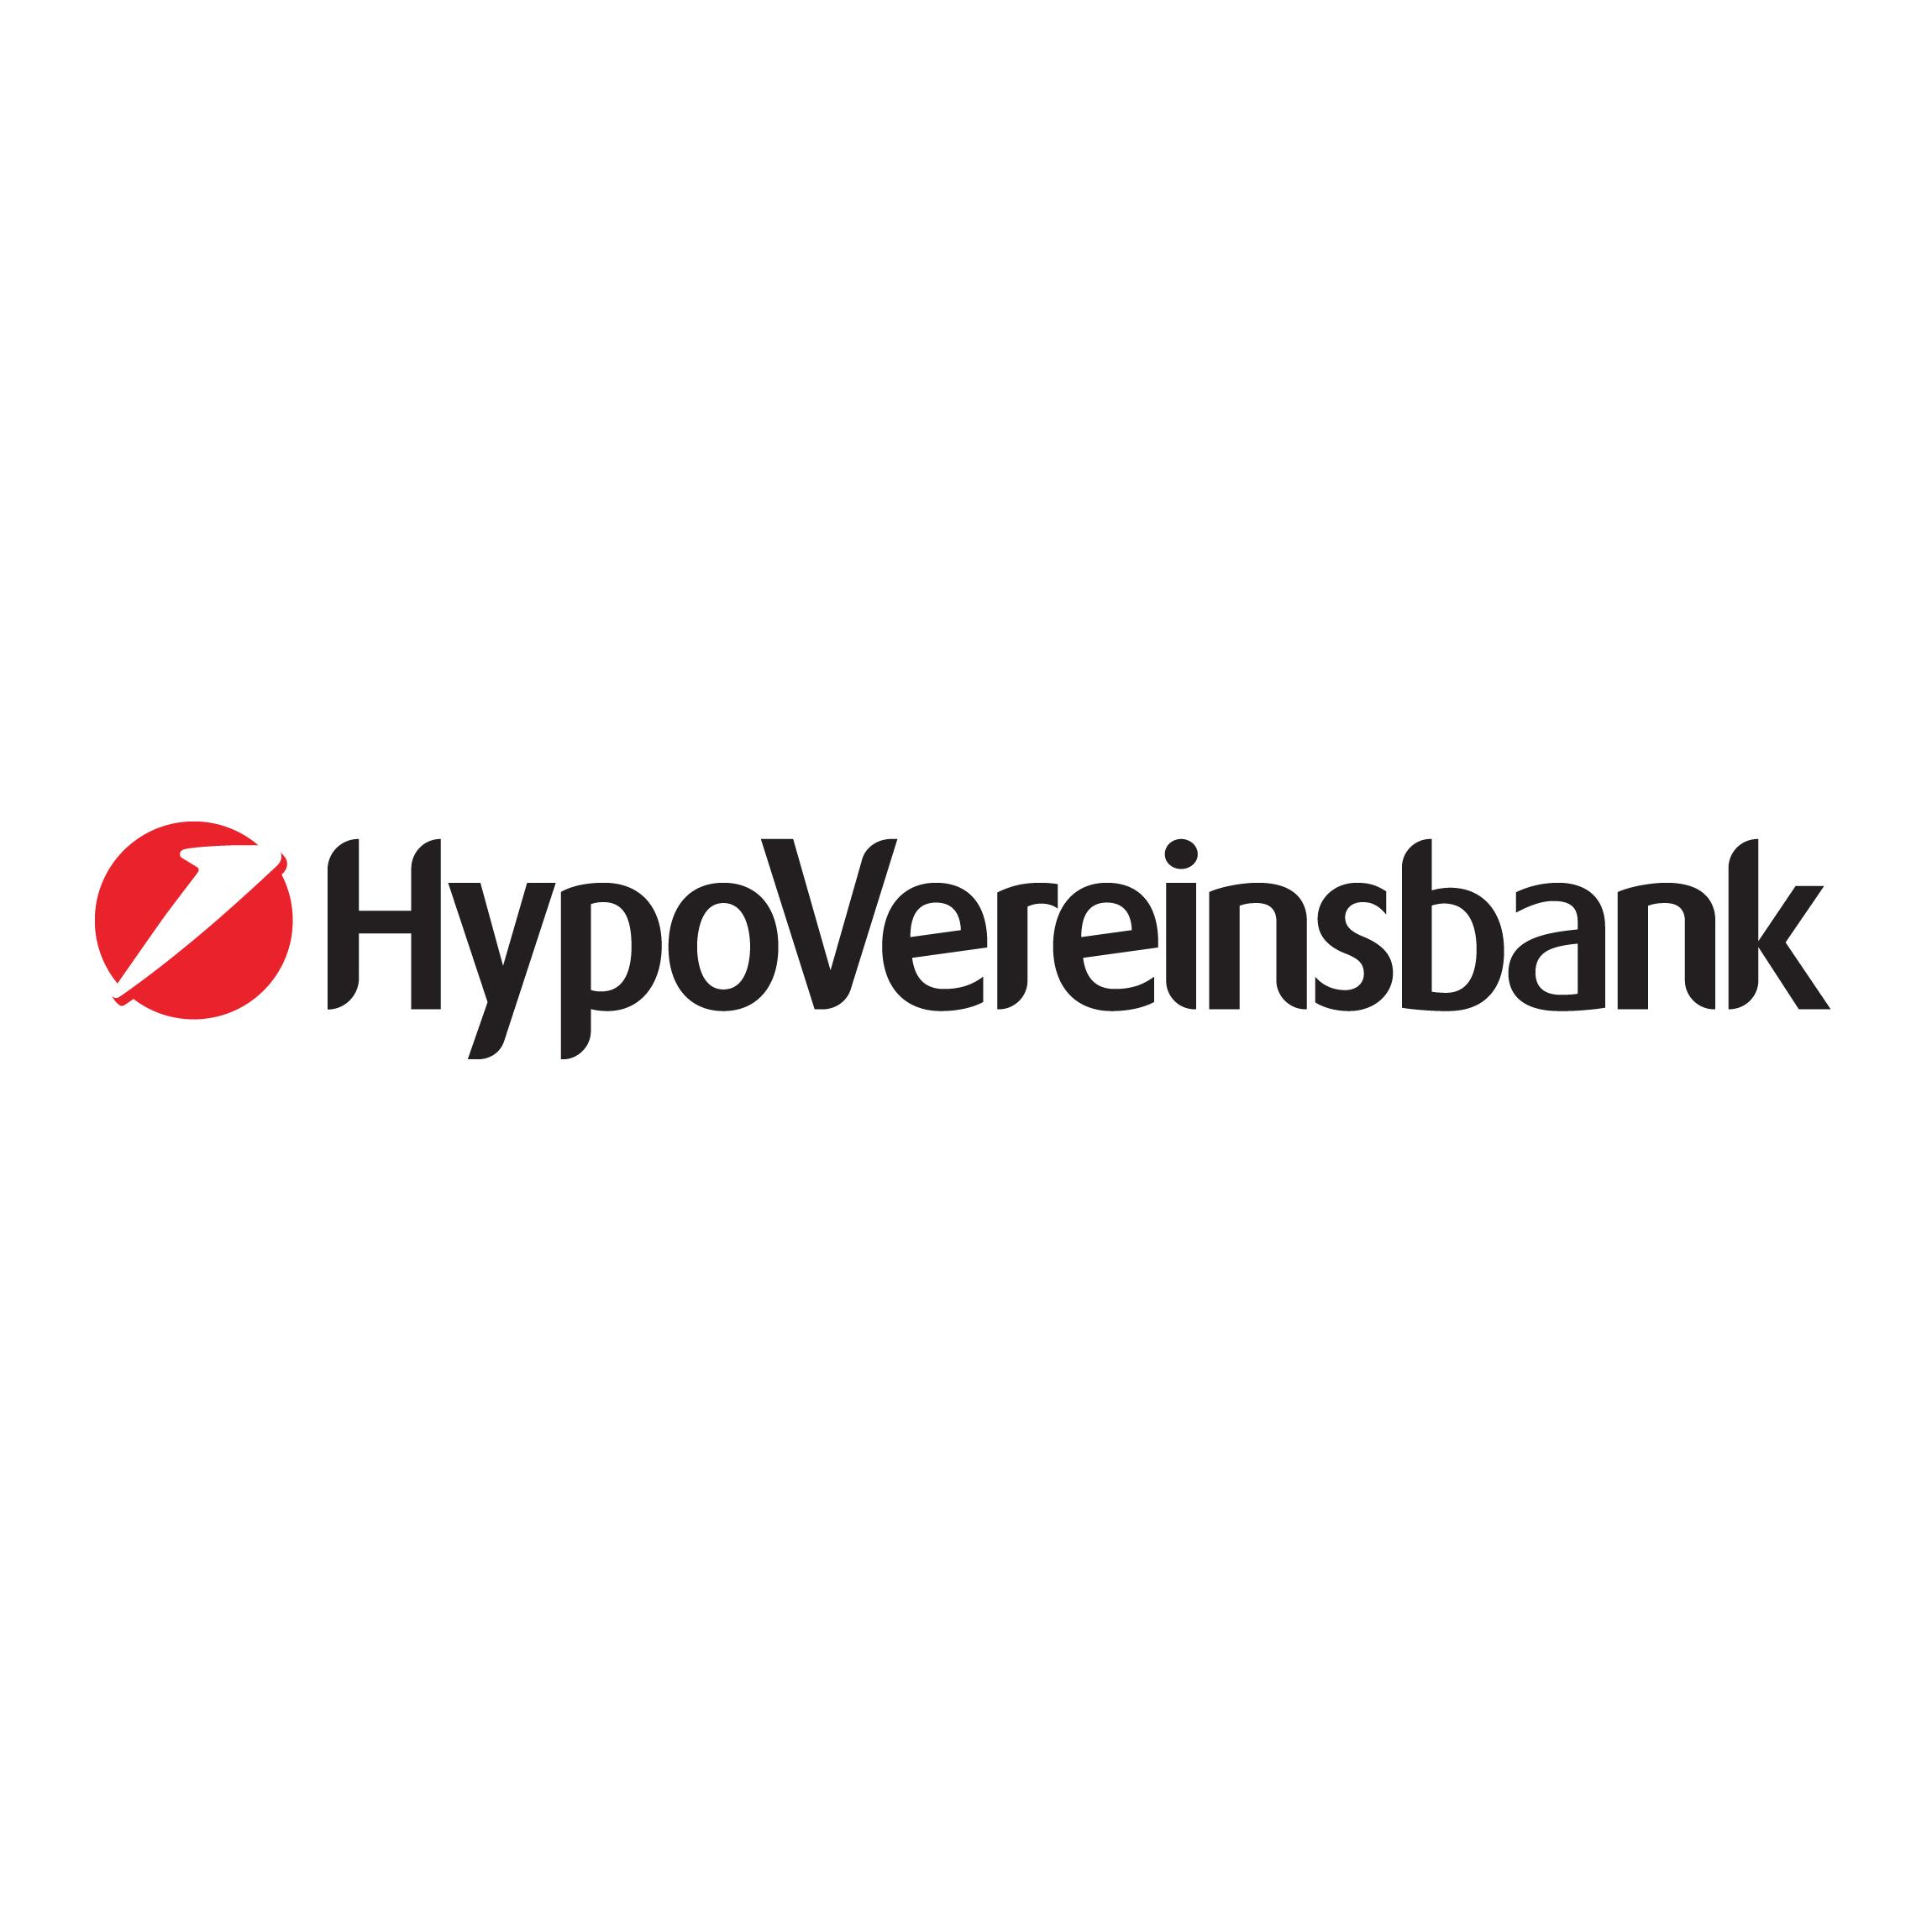 HypoVereinsbank Krumbach